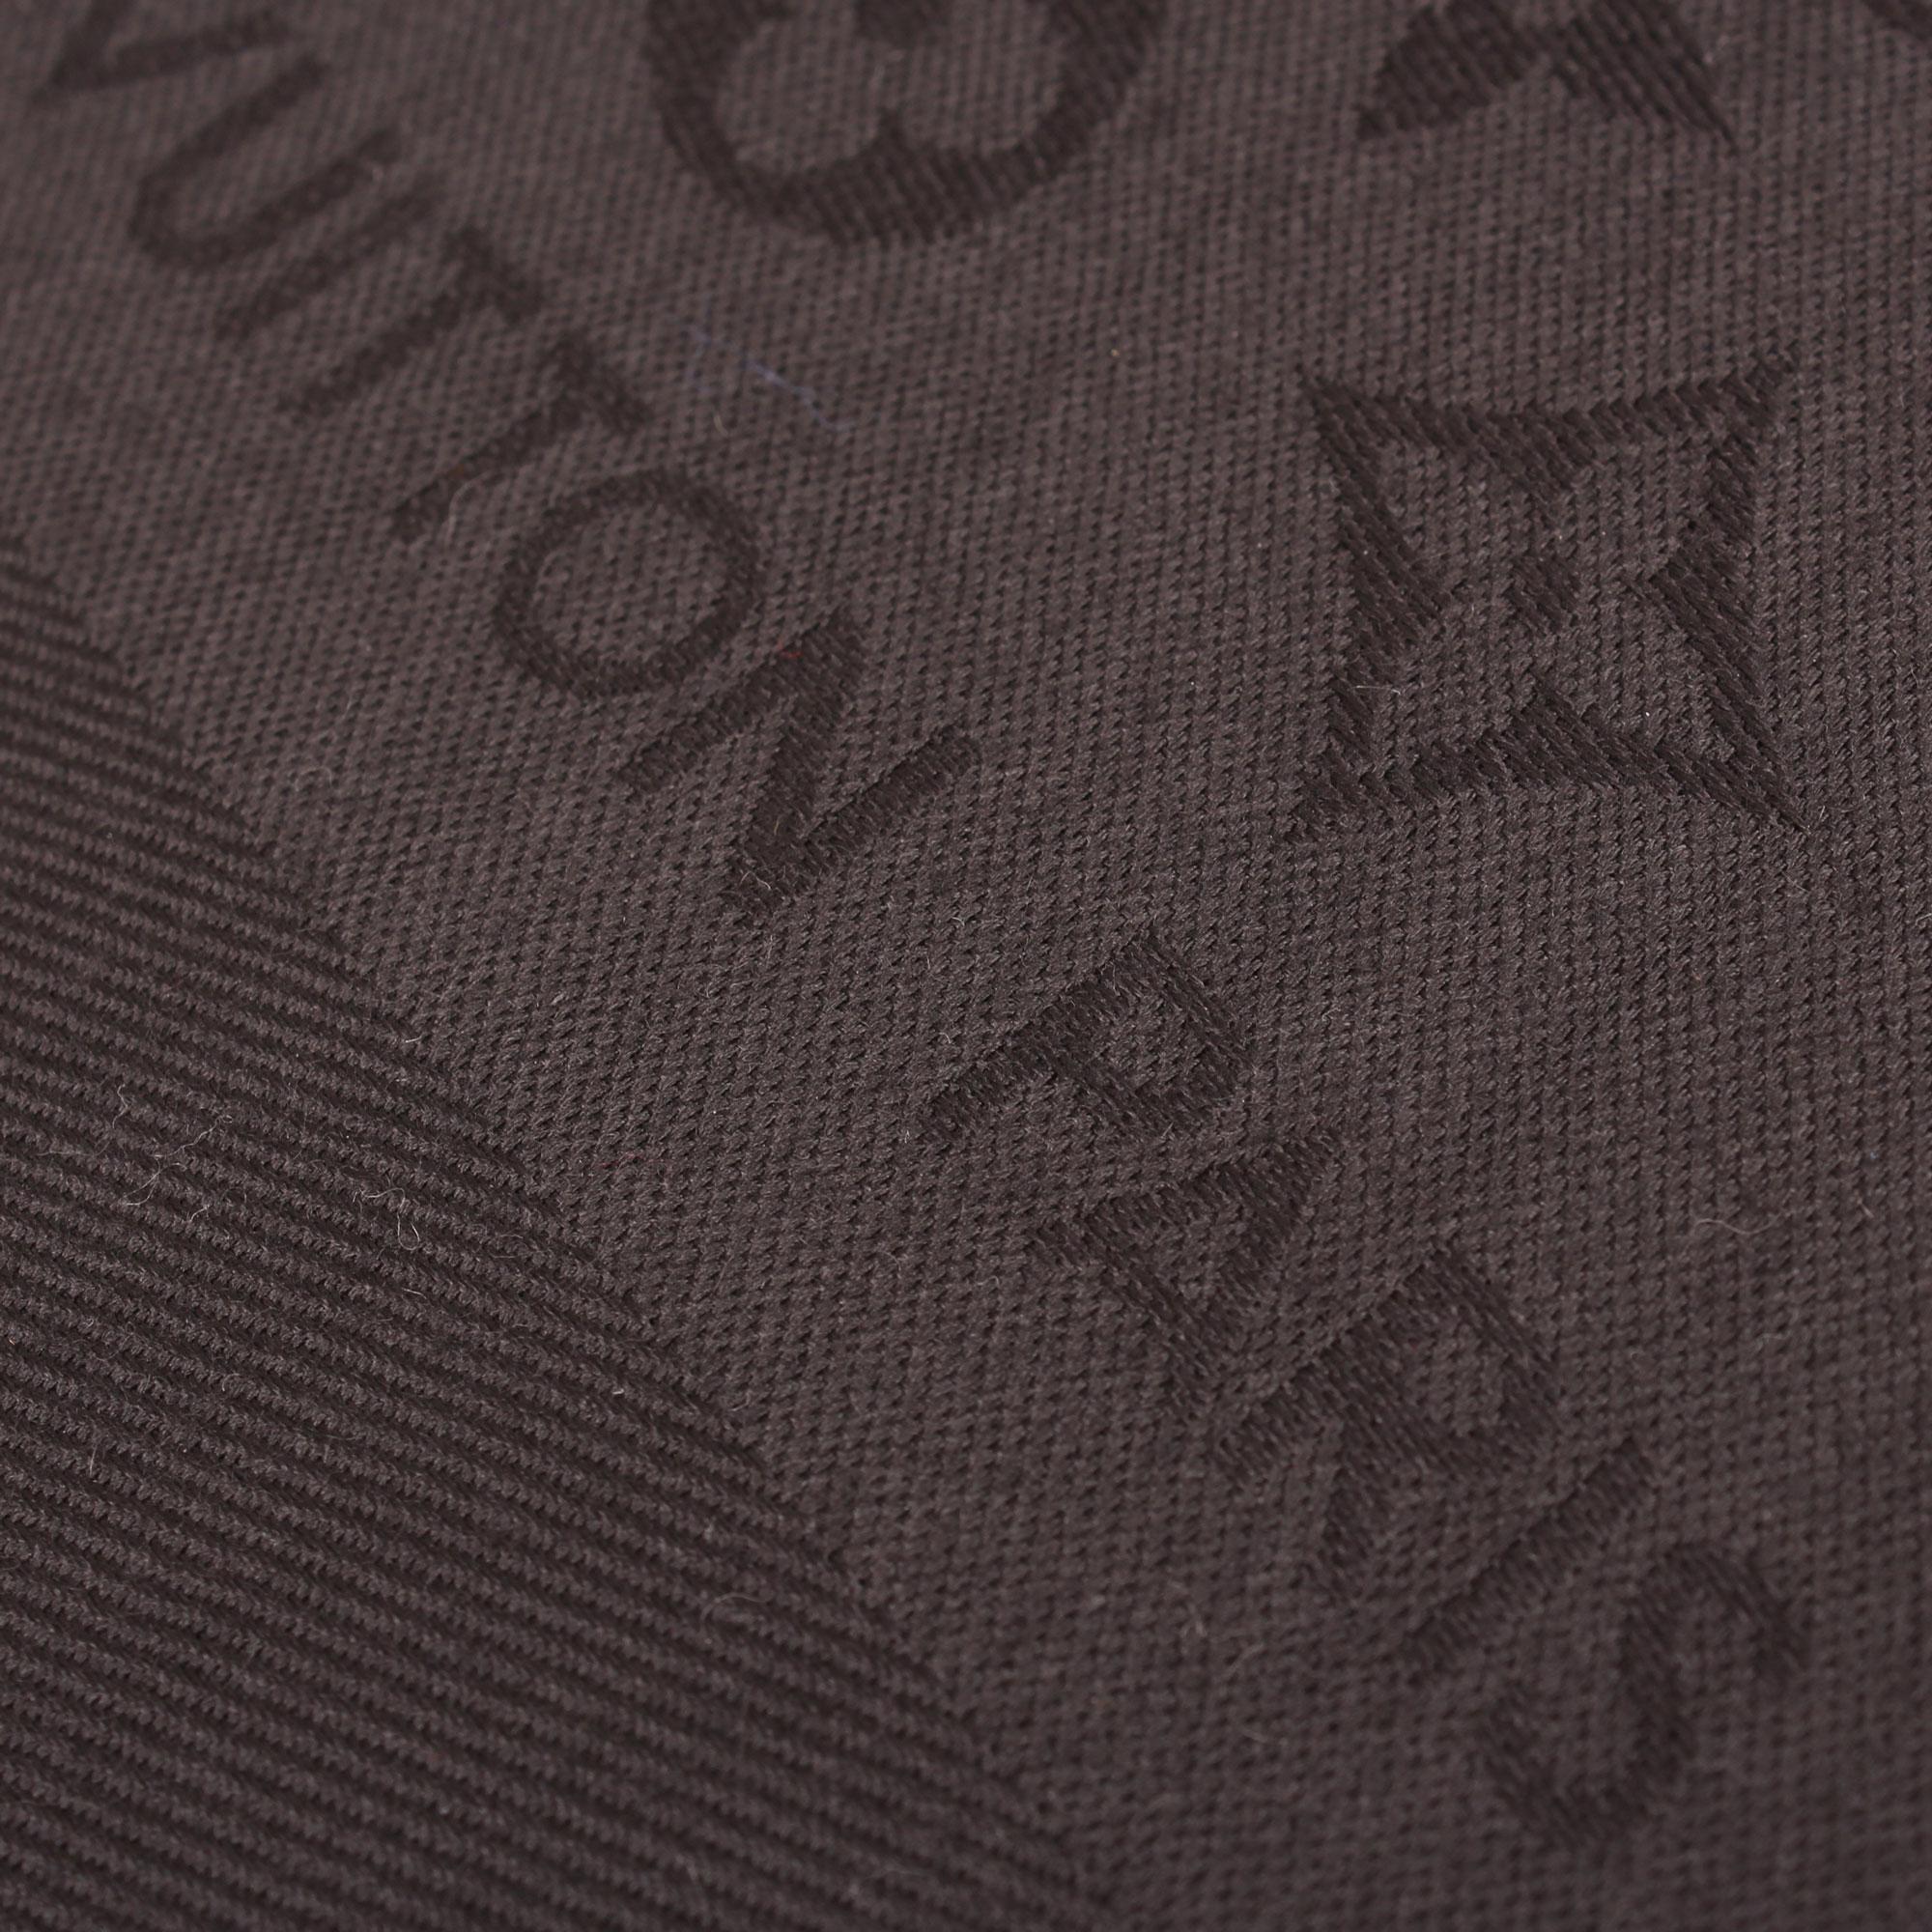 shawl-louis-vuitton-monogram-black-detail